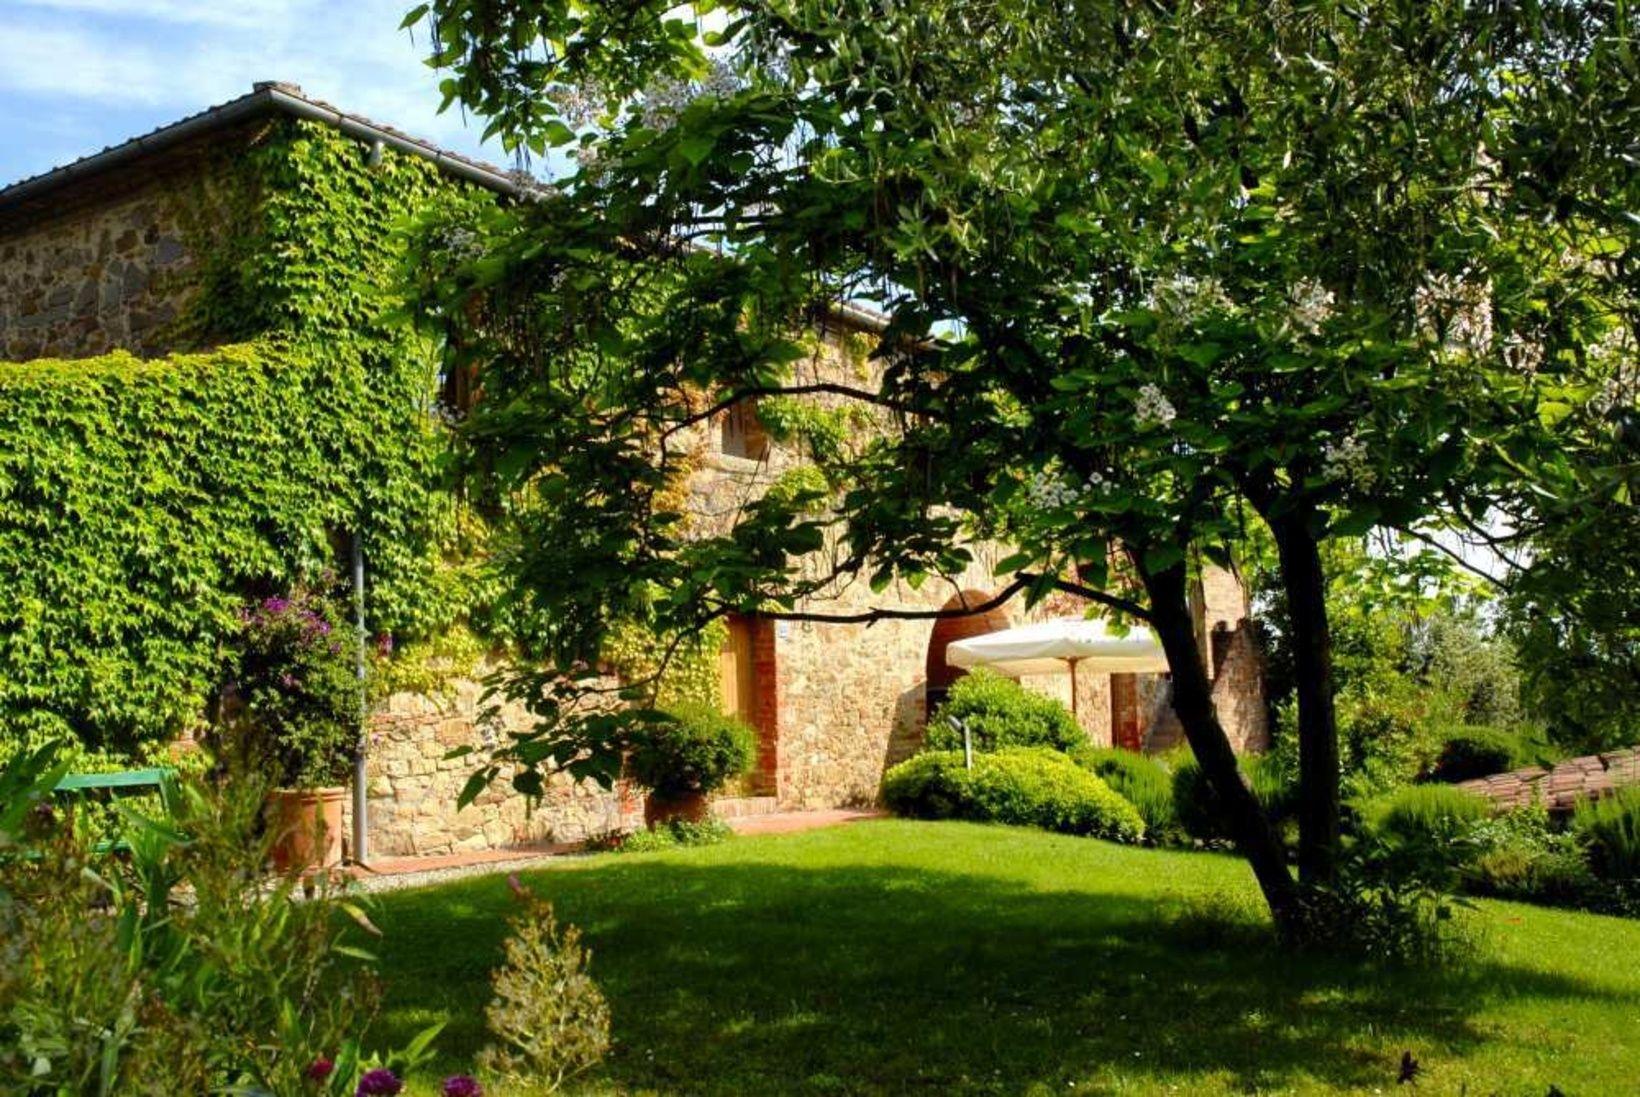 Italien Toskana Immobilie Sinalunga 9 Hektare Mit Wald Olivenbaume Landhaus Mit B B Pool Alleinlage Kaufpreis Reduziert Auf Toskana Immobilien B B